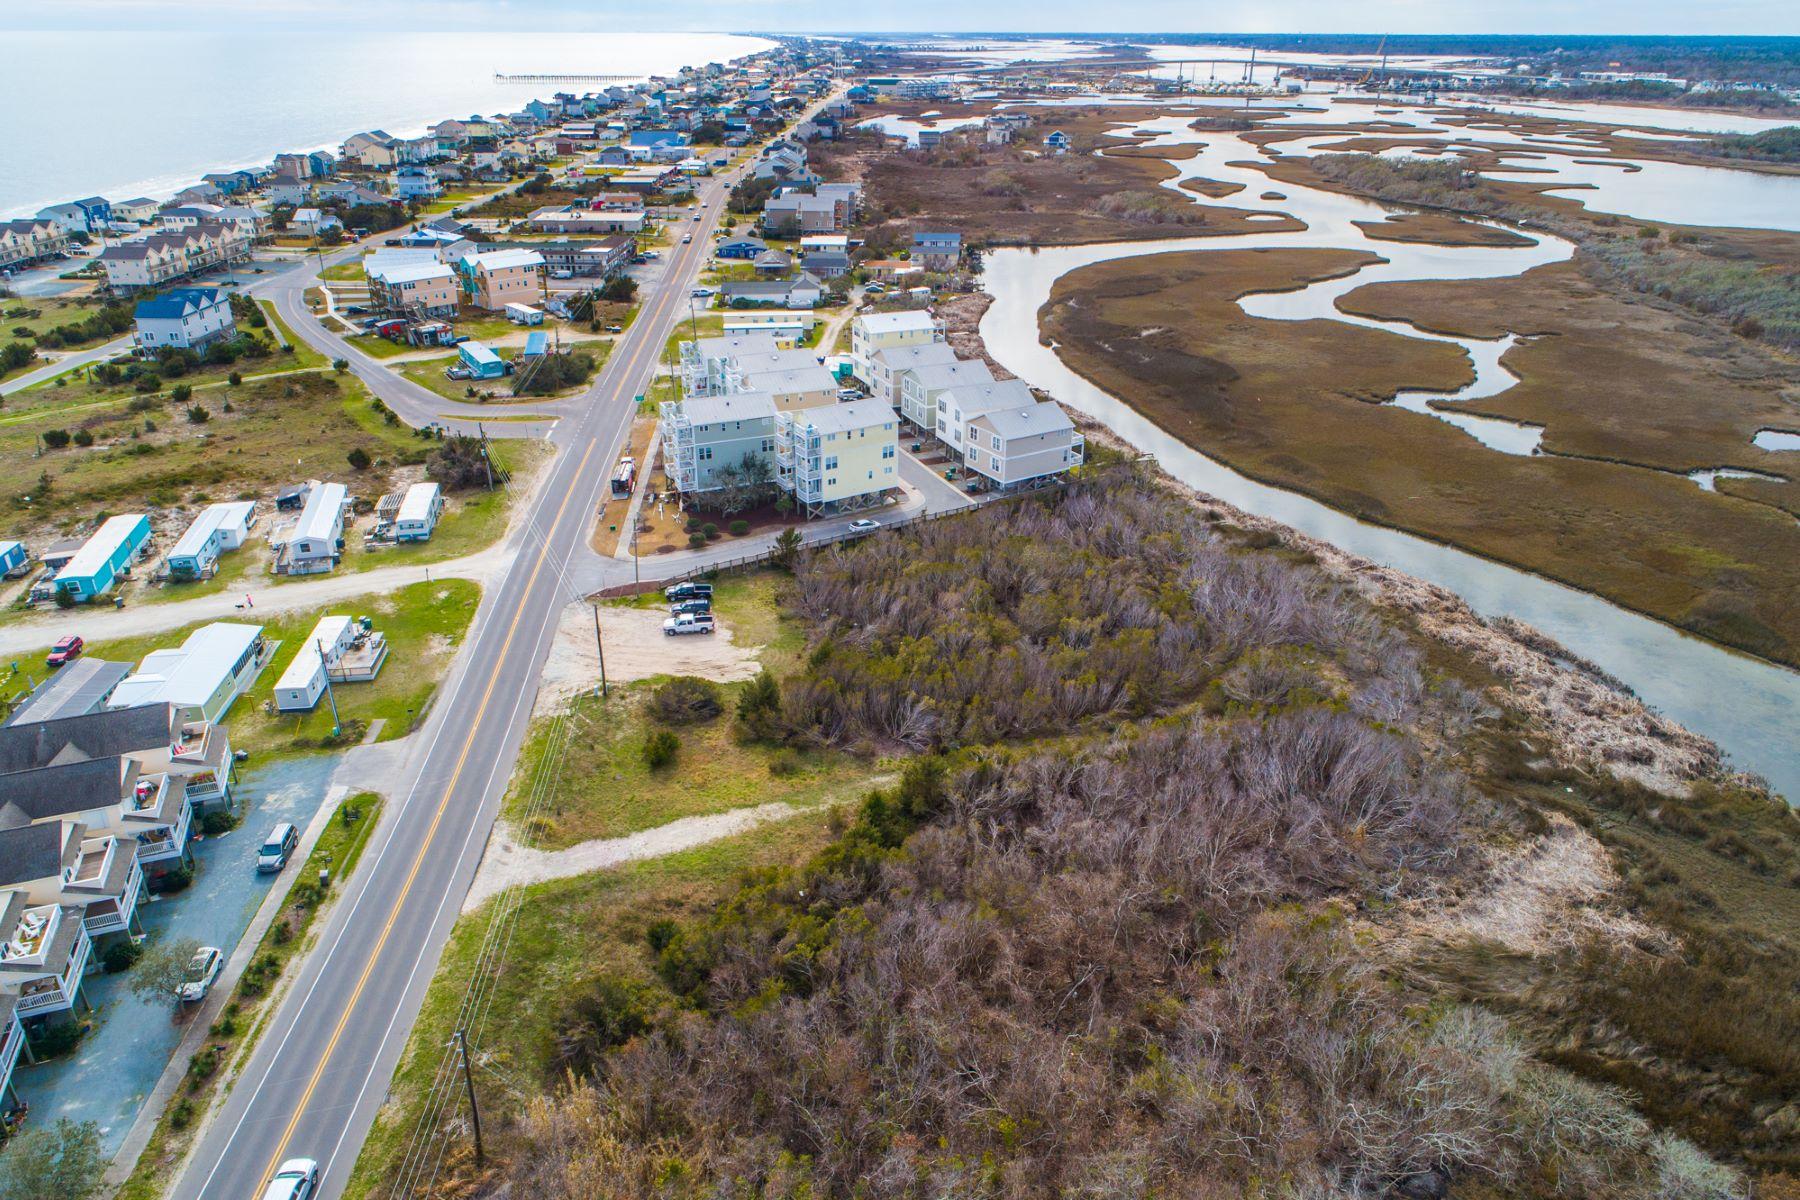 Οικόπεδο για την Πώληση στο Waterfront Shoreline Property 11 North New River Drive, Surf City, Βορεια Καρολινα 28445 Ηνωμένες Πολιτείες